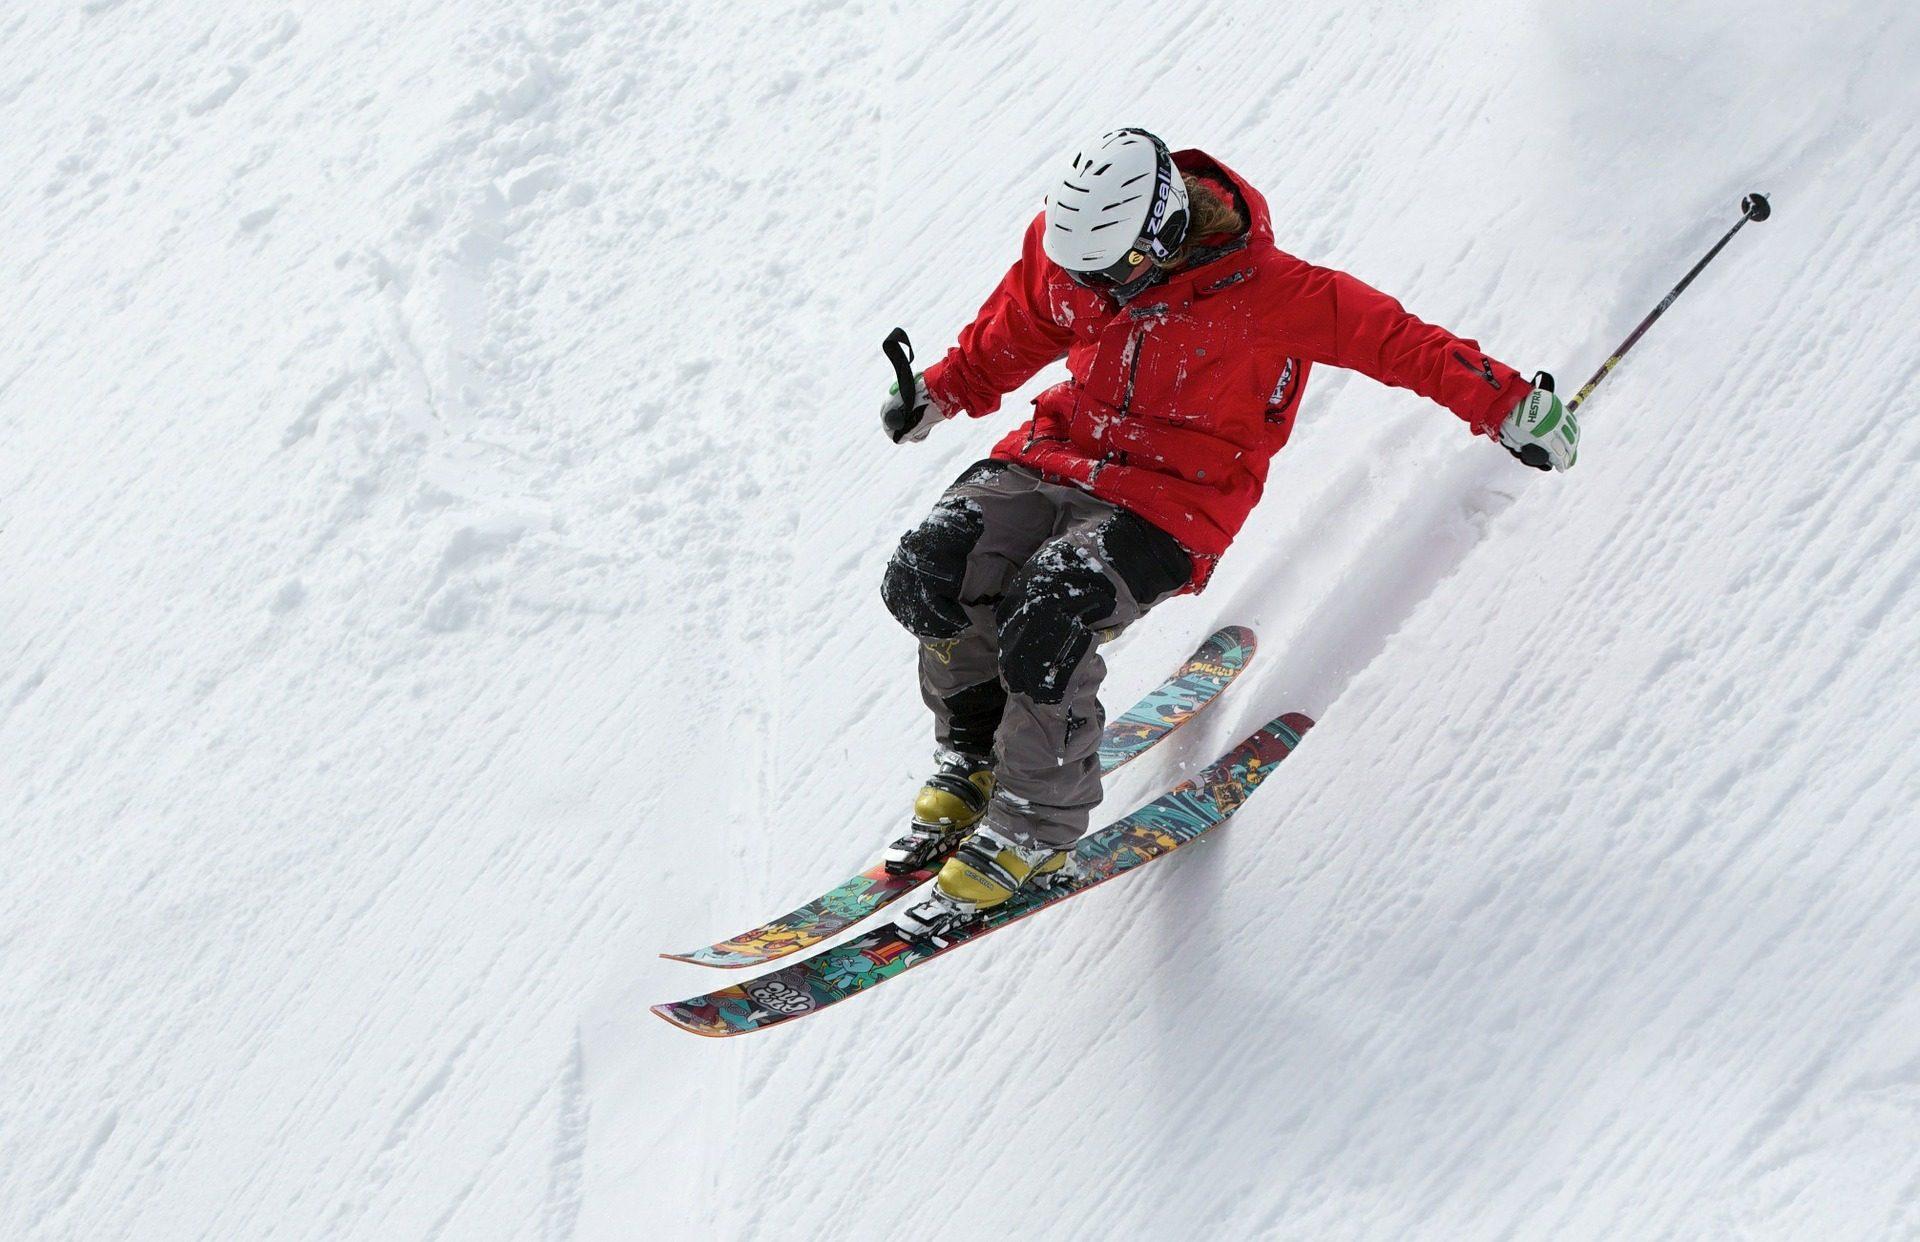 Günstiger Skiurlaub in Frankreich - Chamrousse 7 Tage ab 69,00€ 1